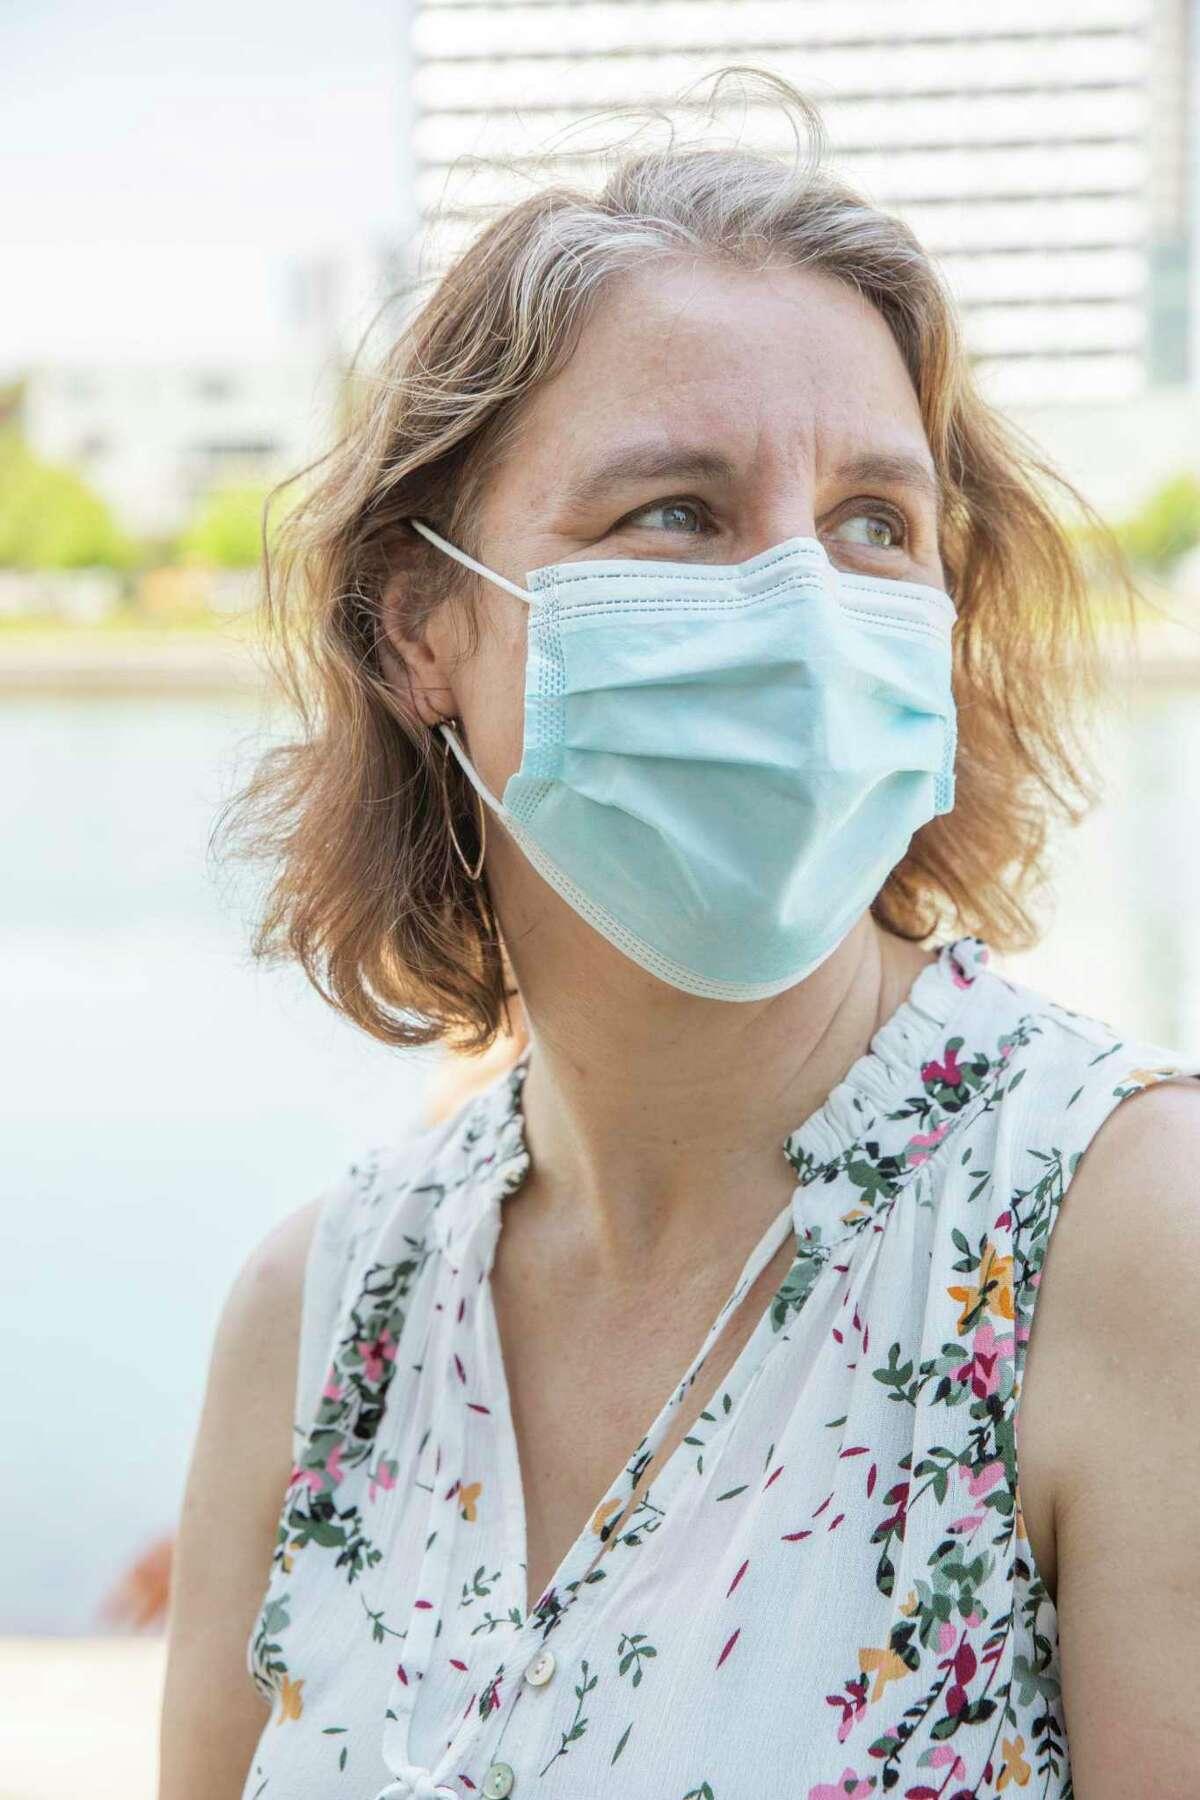 Claire Ramsay ha un figlio che è troppo giovane per essere vaccinato, quindi è più attenta di prima.